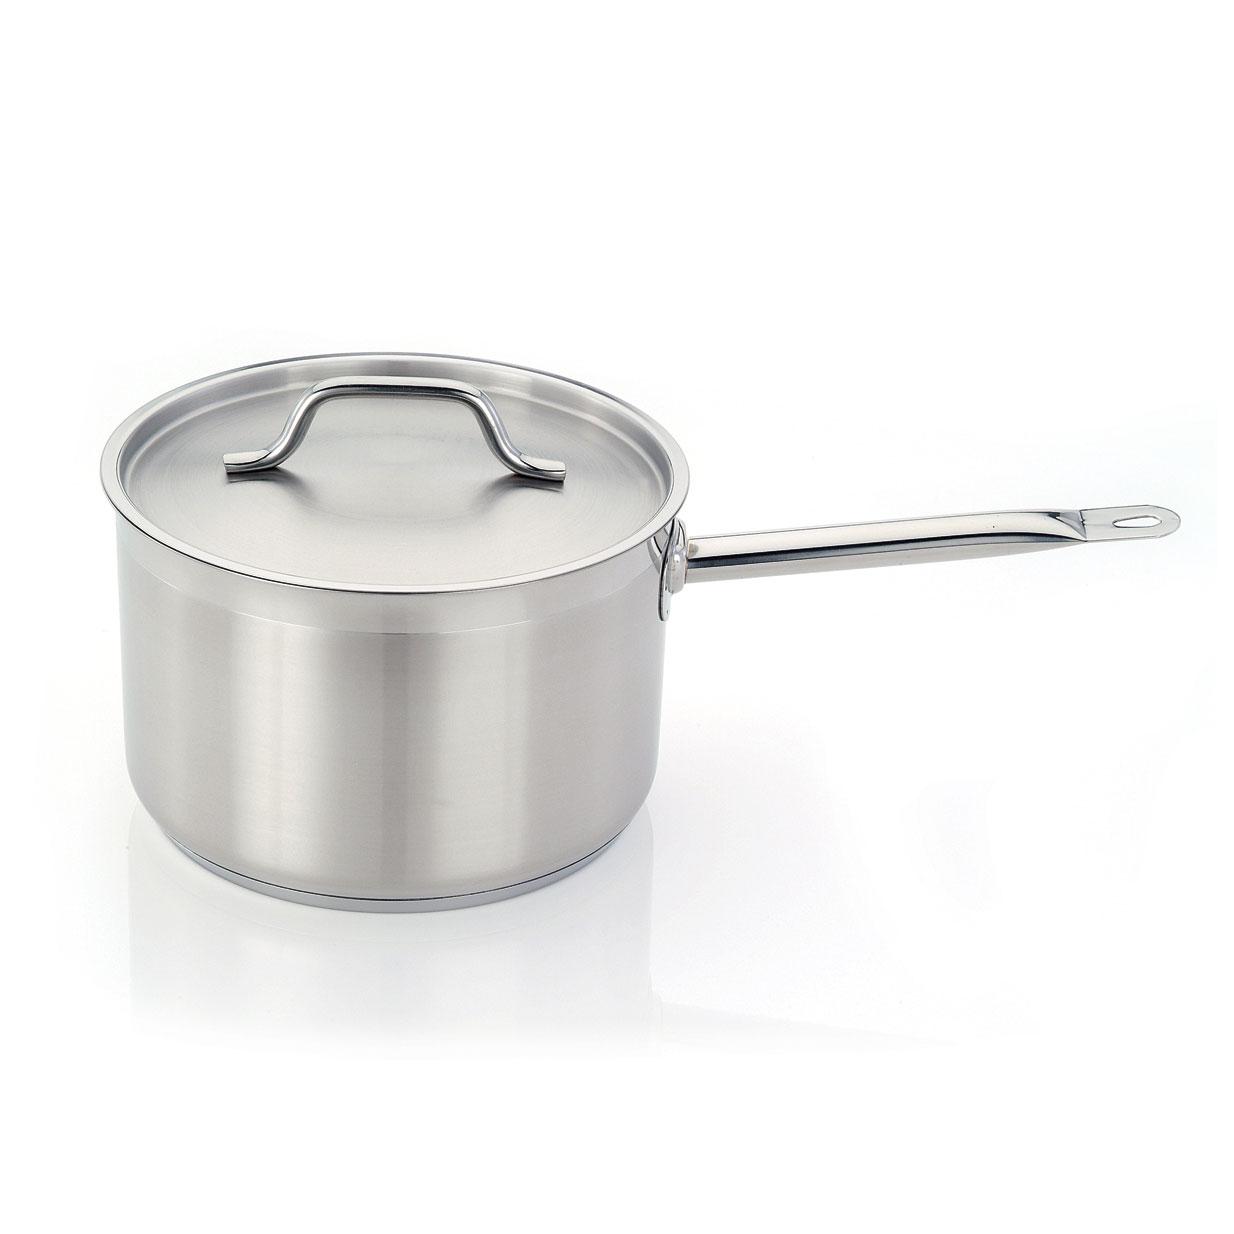 Eurodib USA HOM412014 sauce pan